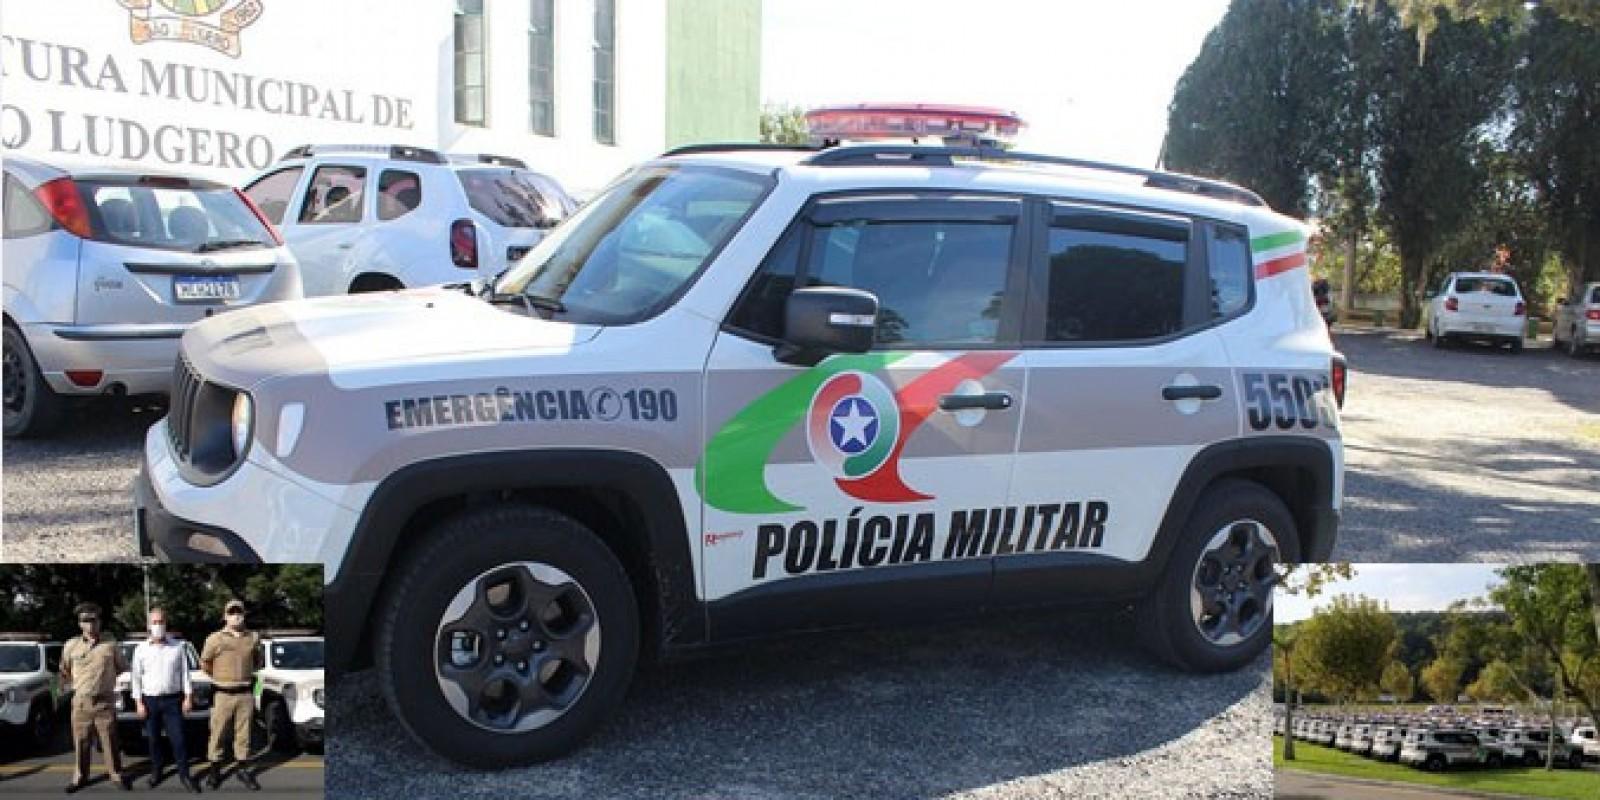 Polícia Militar implanta Rede de Segurança Rural em São Ludgero